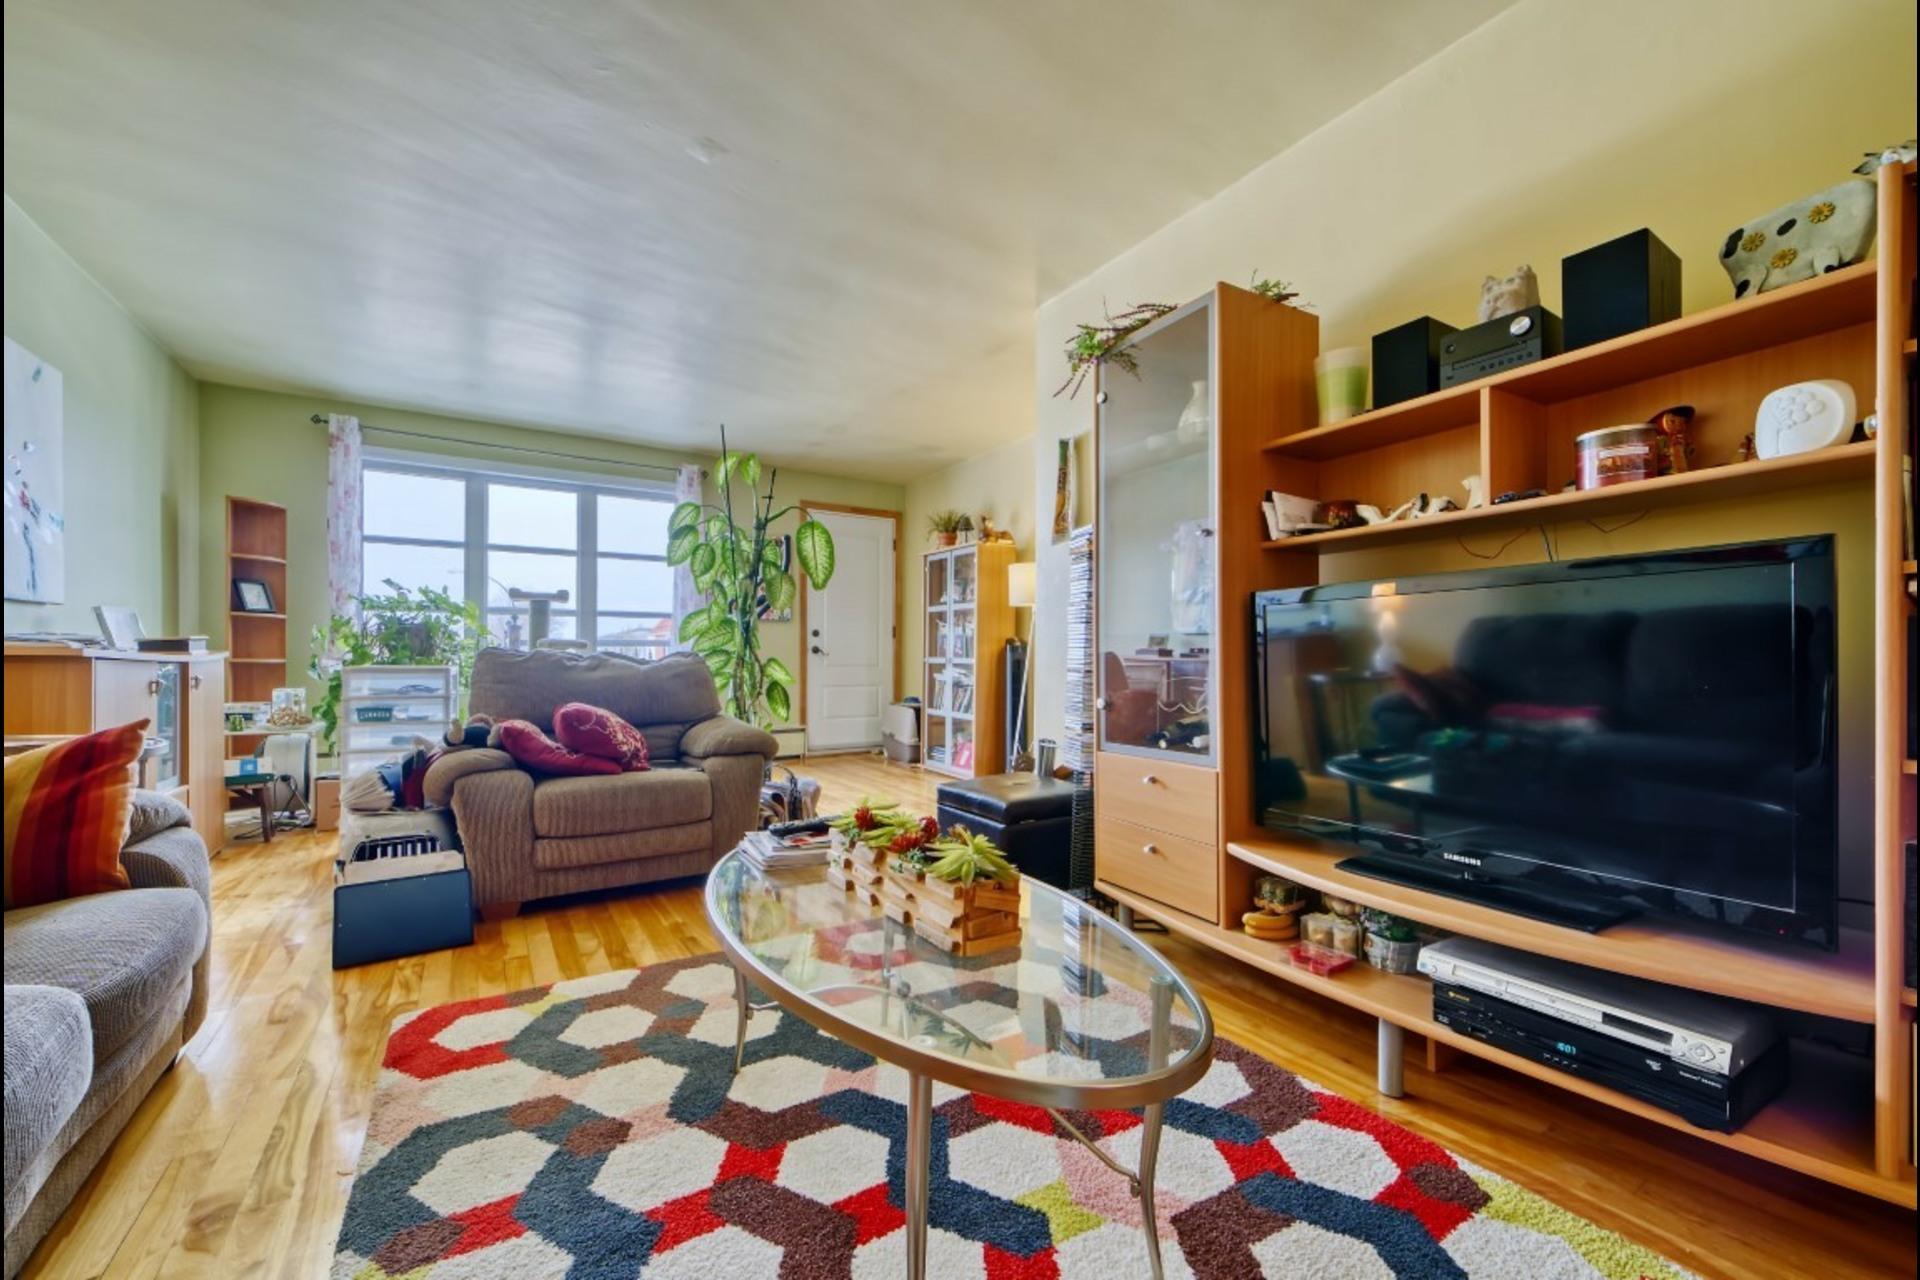 image 6 - Appartement À louer Montréal Saint-Leonard - 5 pièces